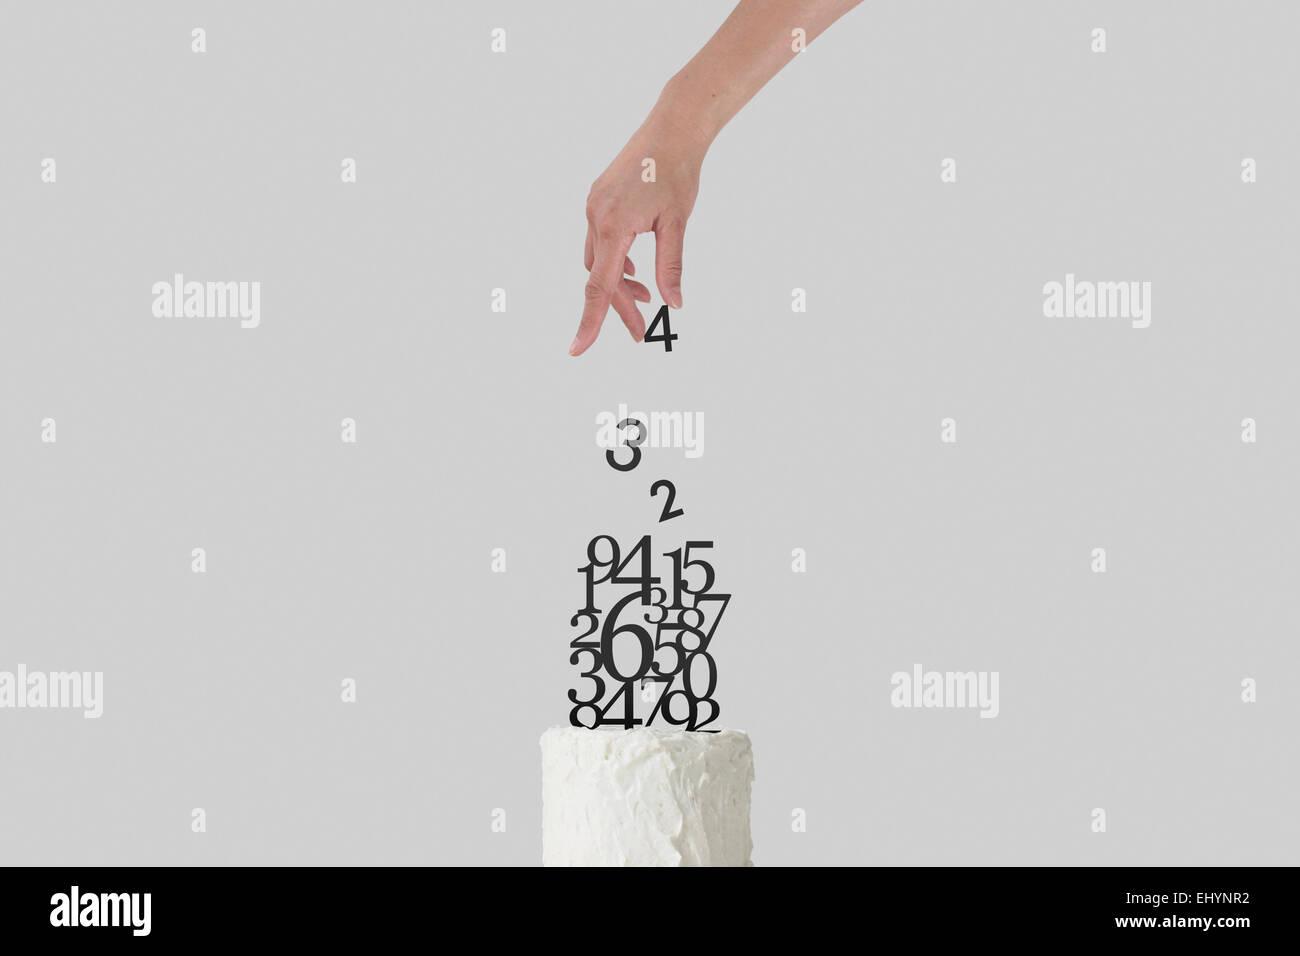 Eine Hand streuen einige Zahlen auf einer weißen Geburtstagstorte Stockbild